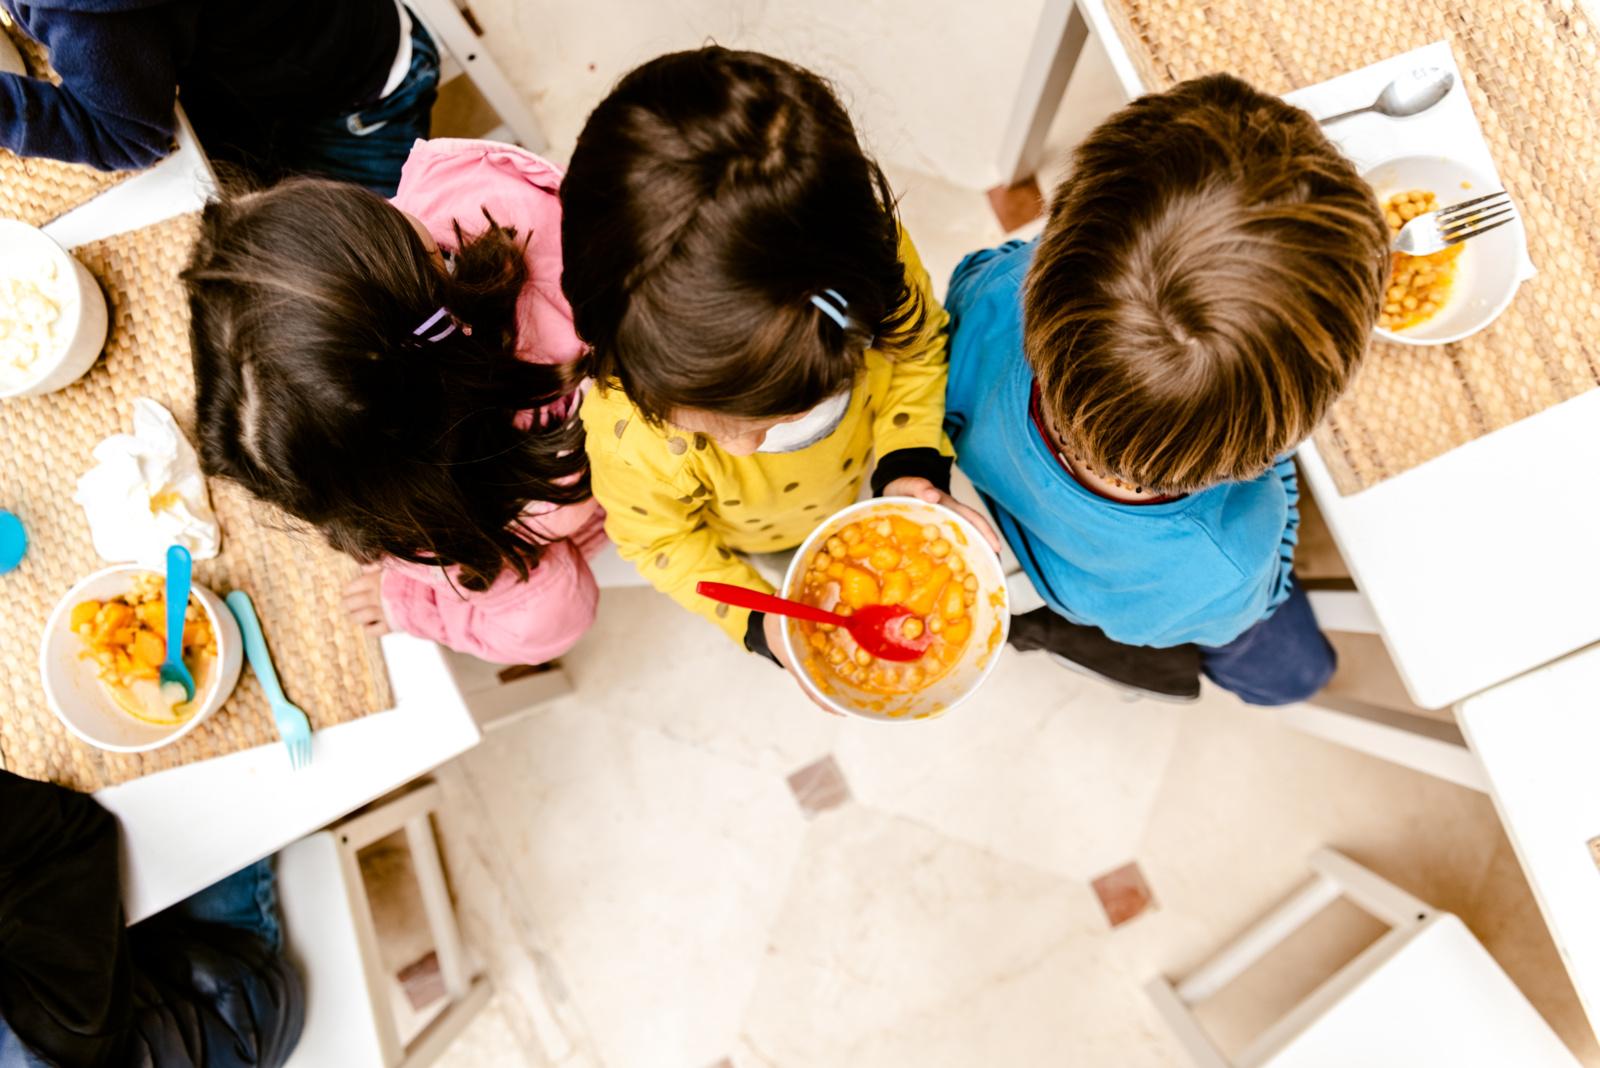 Prie pokyčių įpratusios ugdymo įstaigos laukia permainų valgyklose